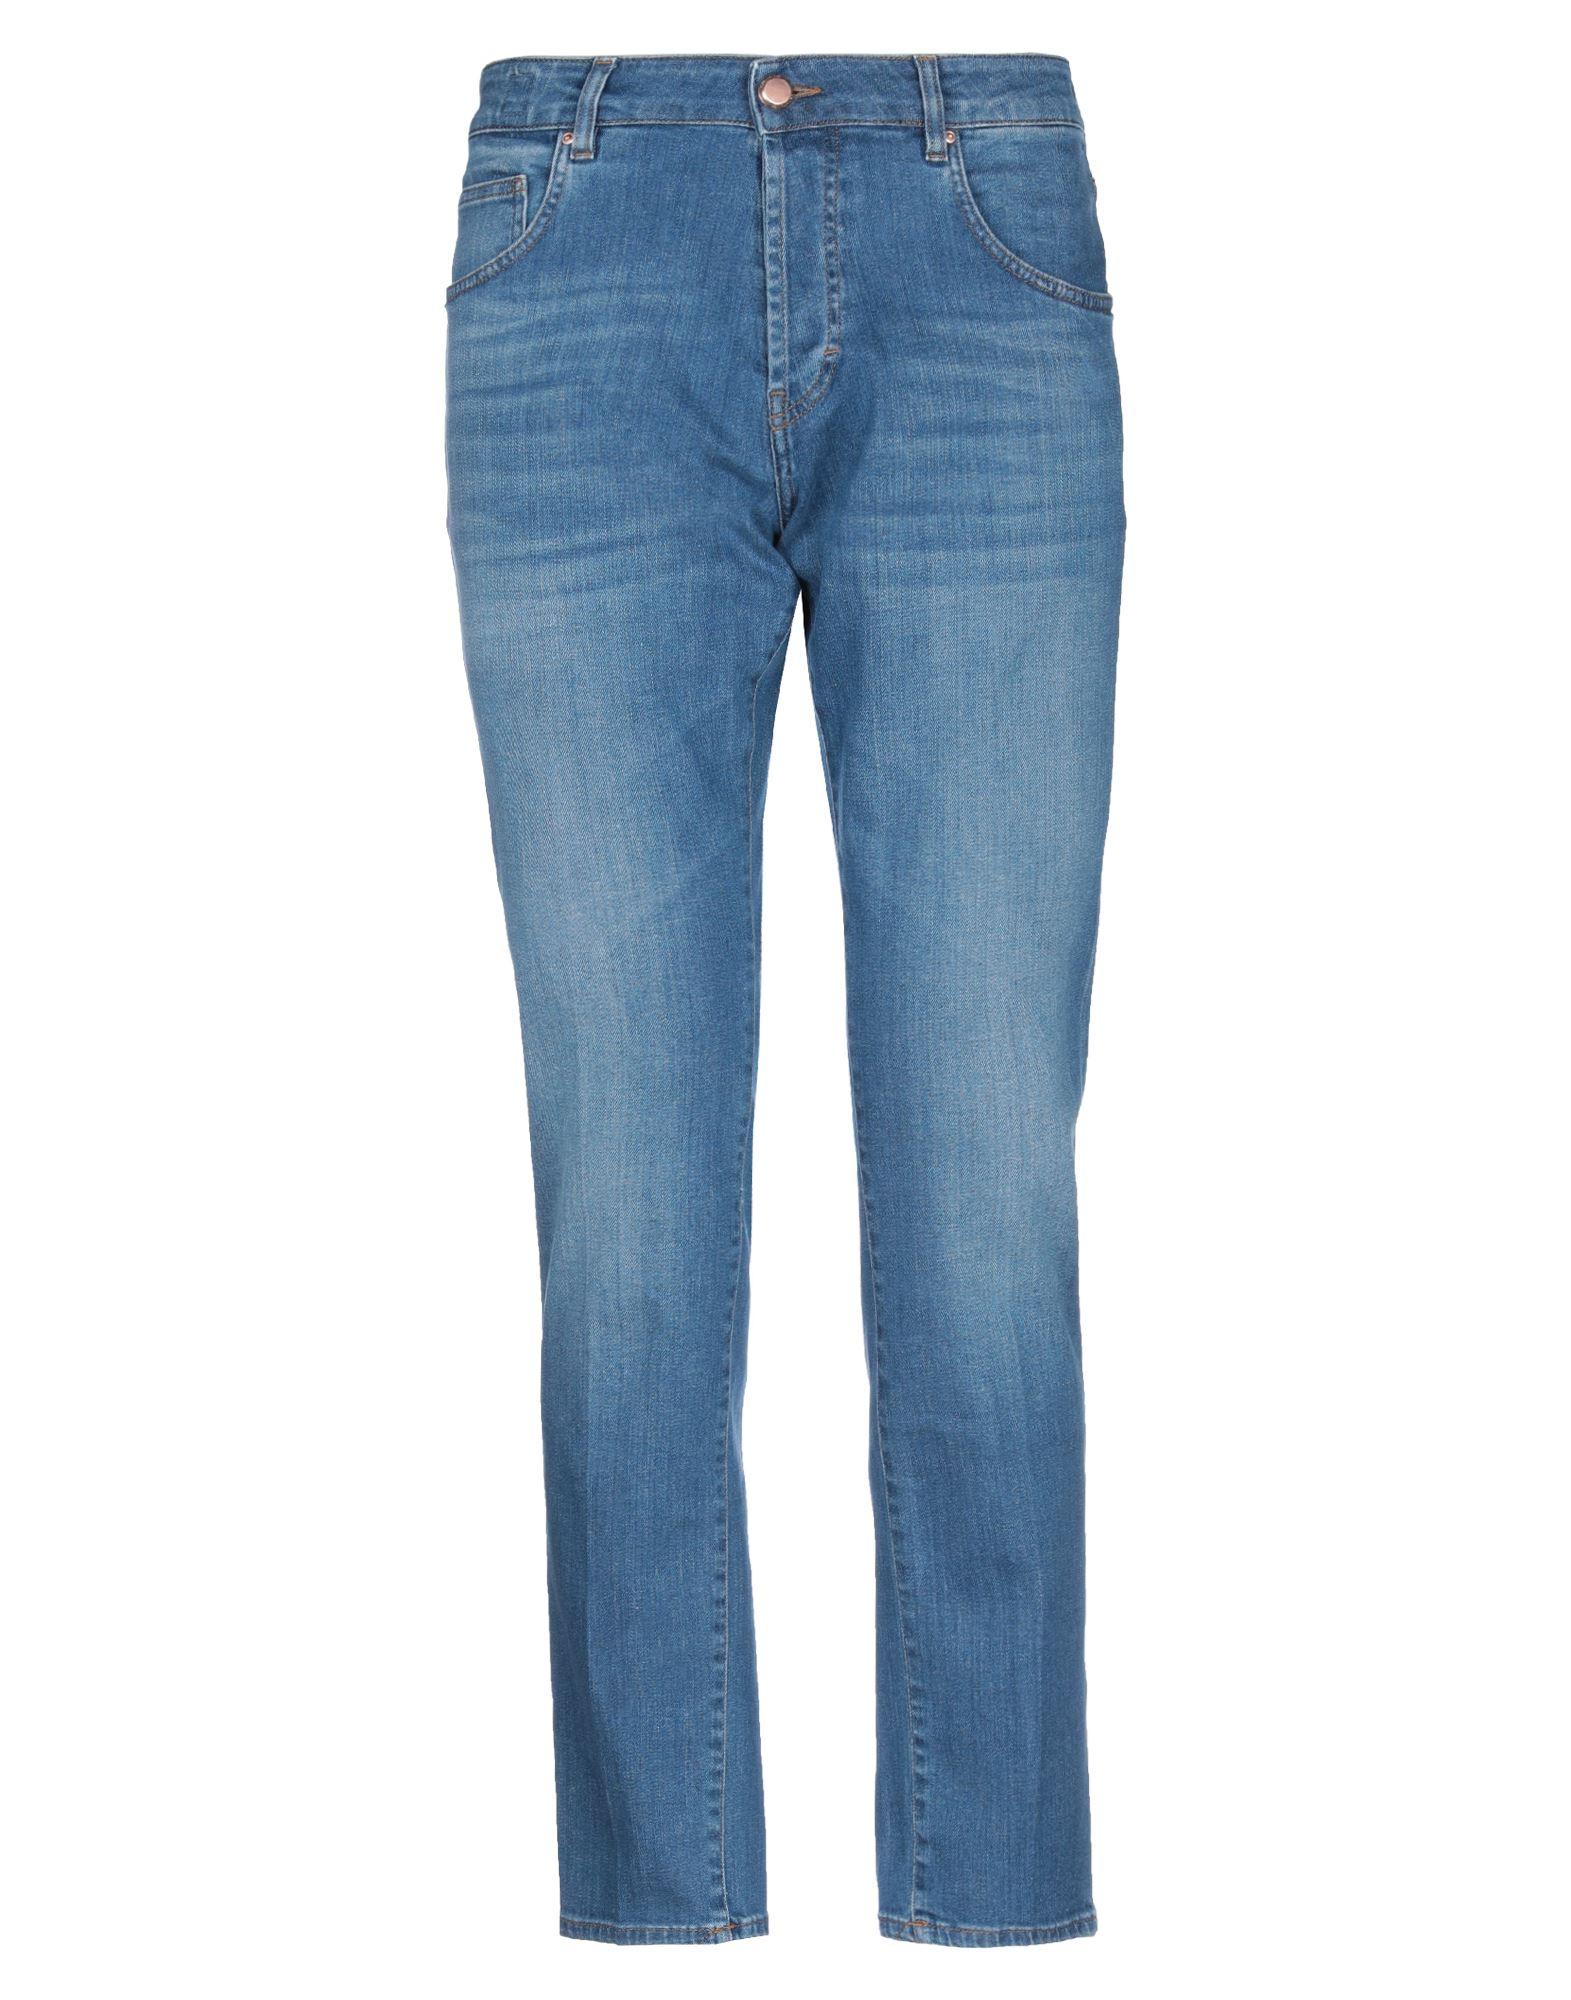 the great джинсовые брюки DON THE FULLER Джинсовые брюки